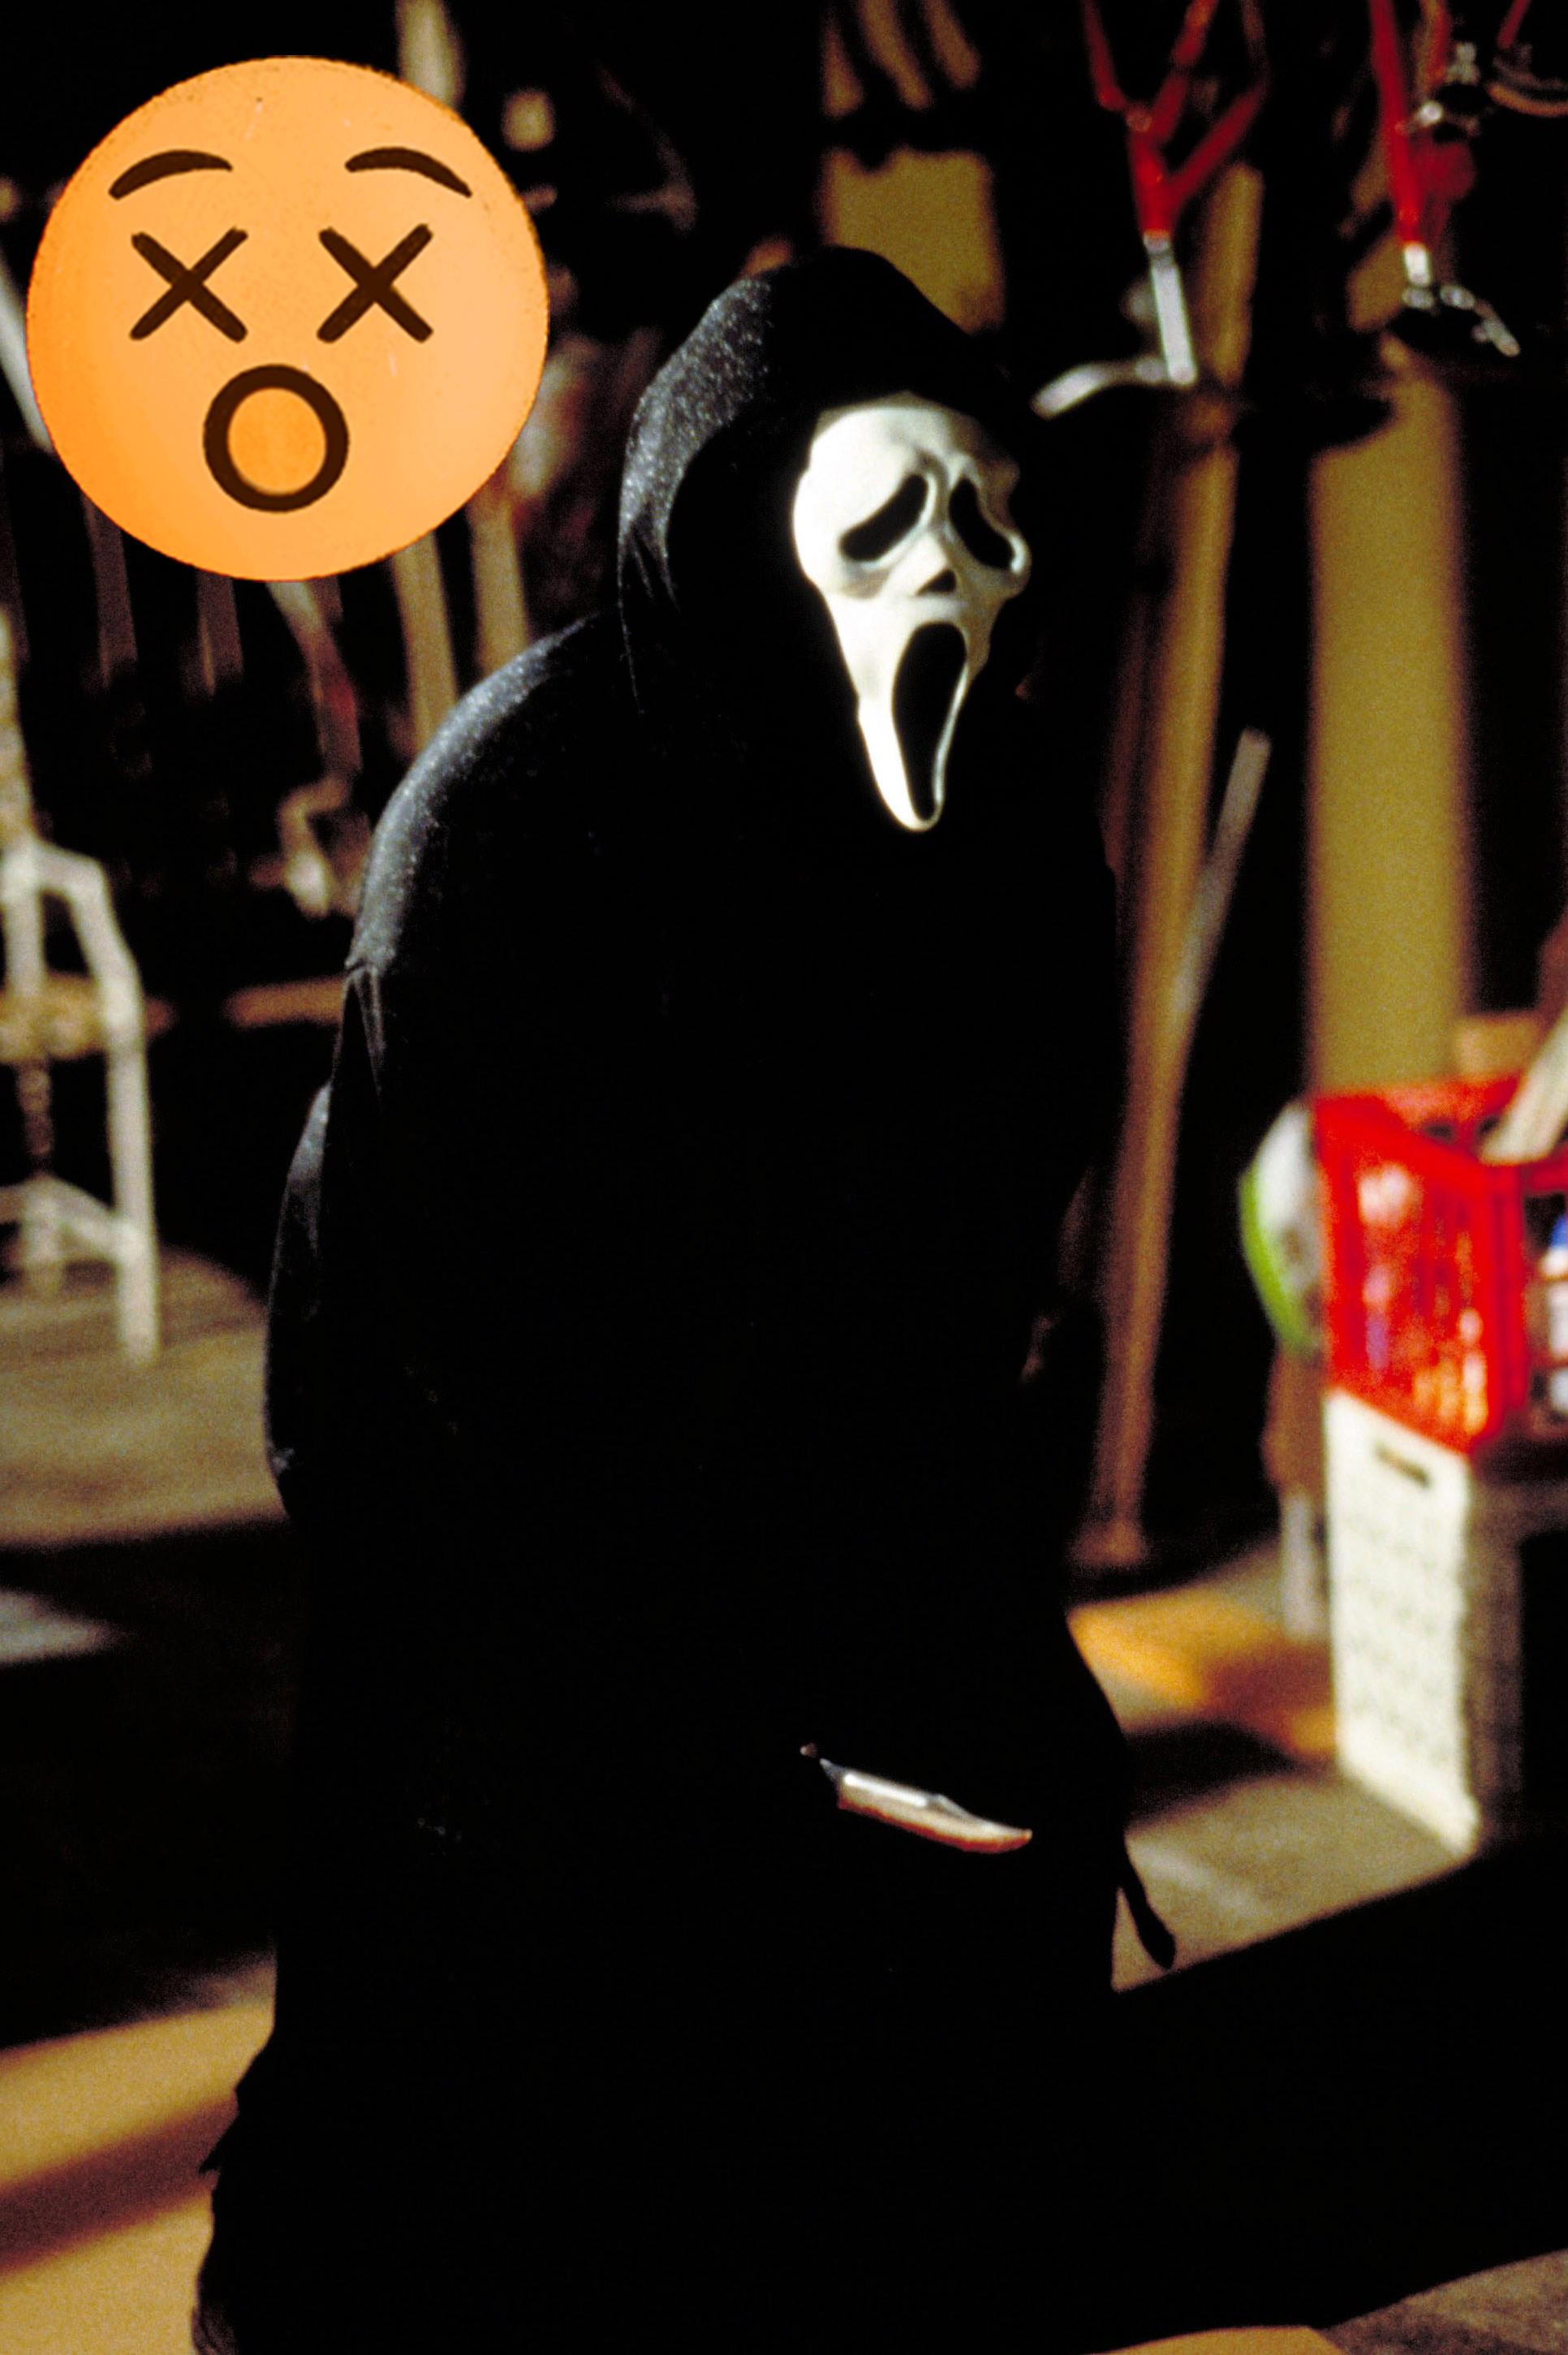 SCREAM, 1996, © Dimension Films/courtesy Everett Collection